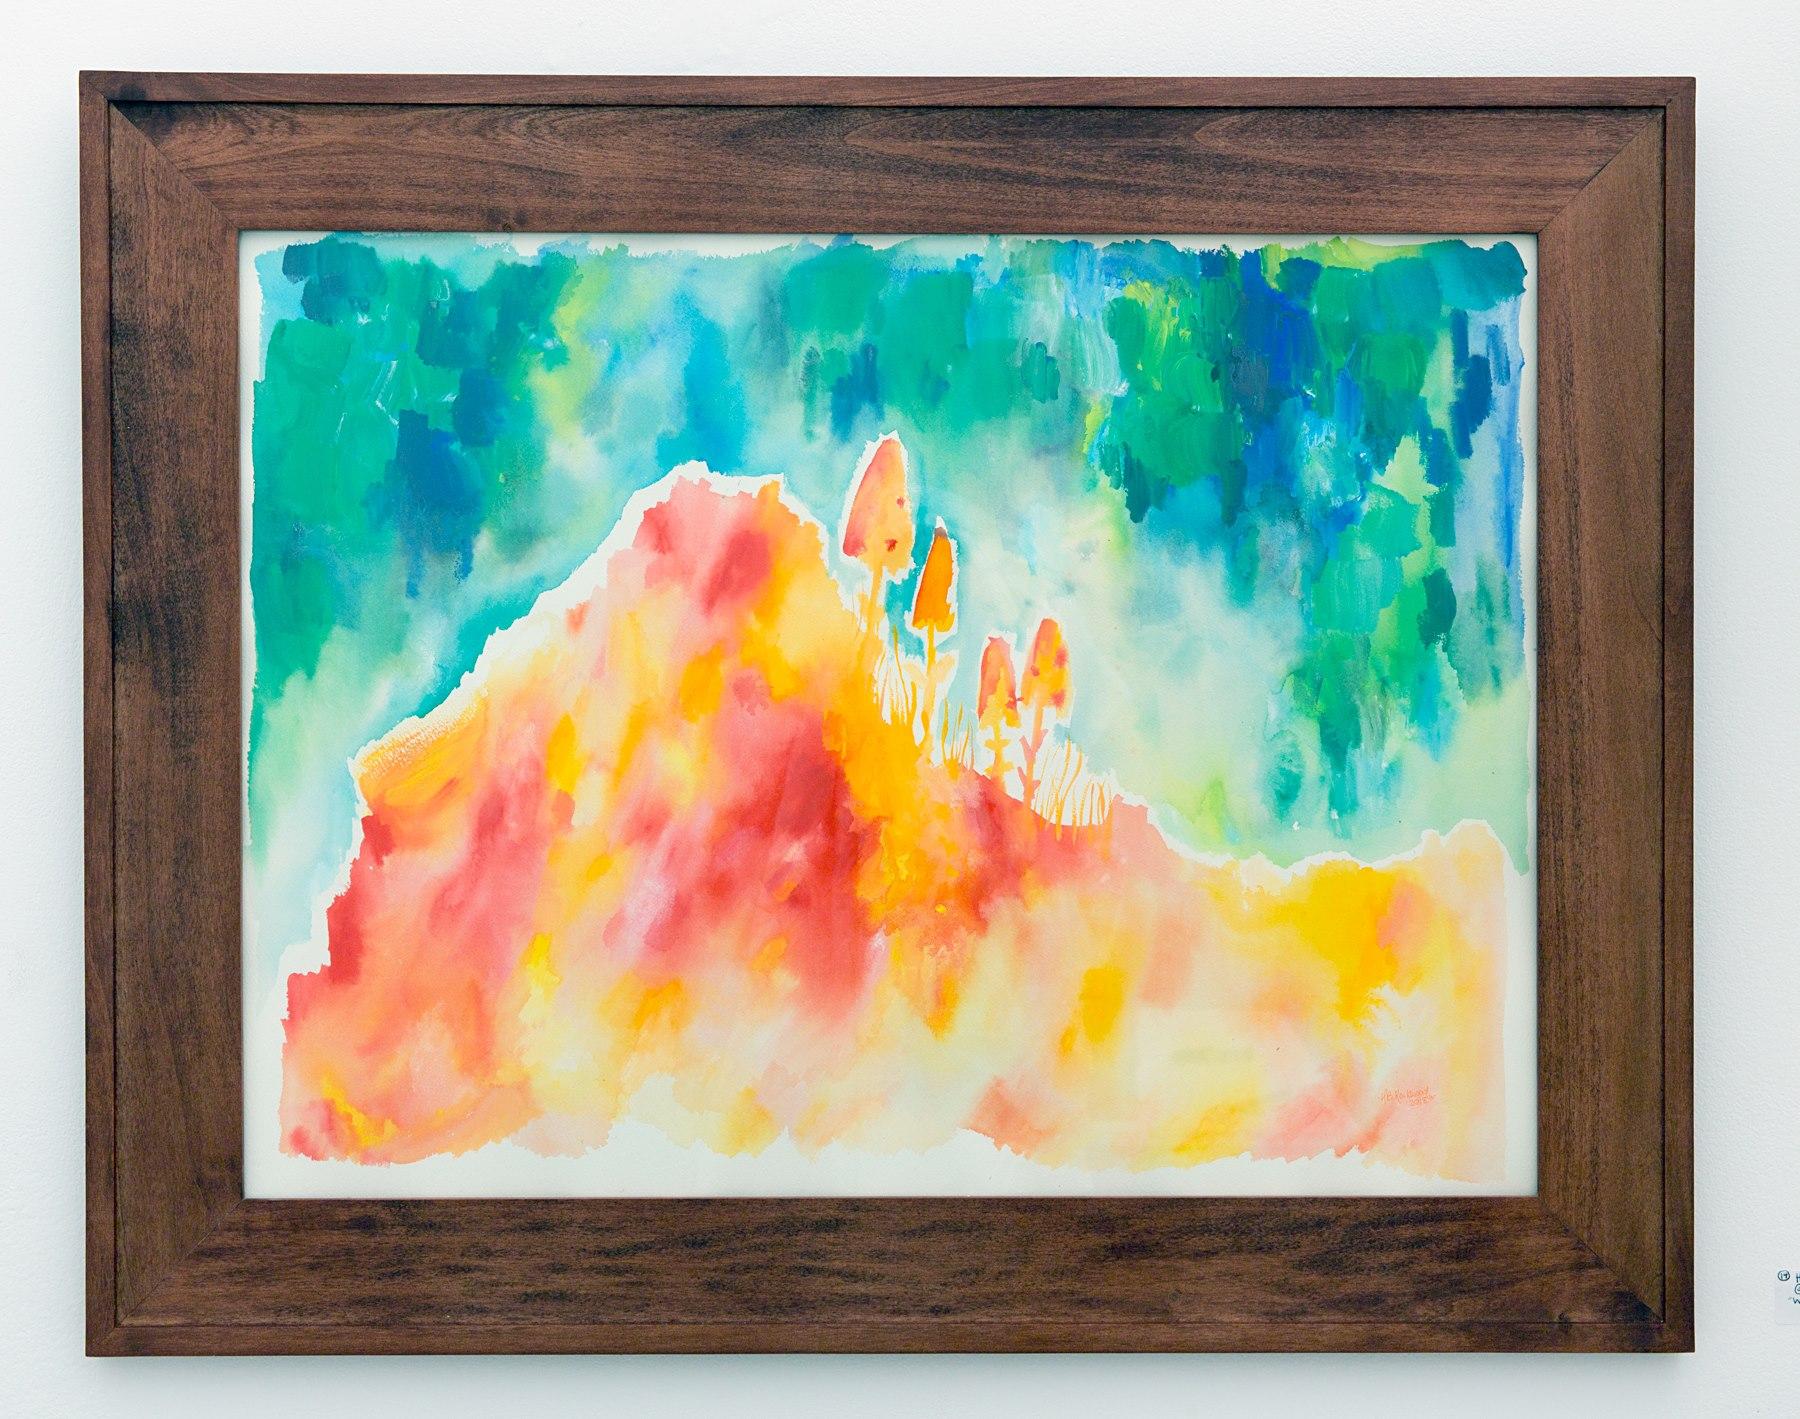 """Haley Bishop Rockwood - """"Wild mushrooms"""" Insta: @thepoppyclockcollective For Sale: $200"""